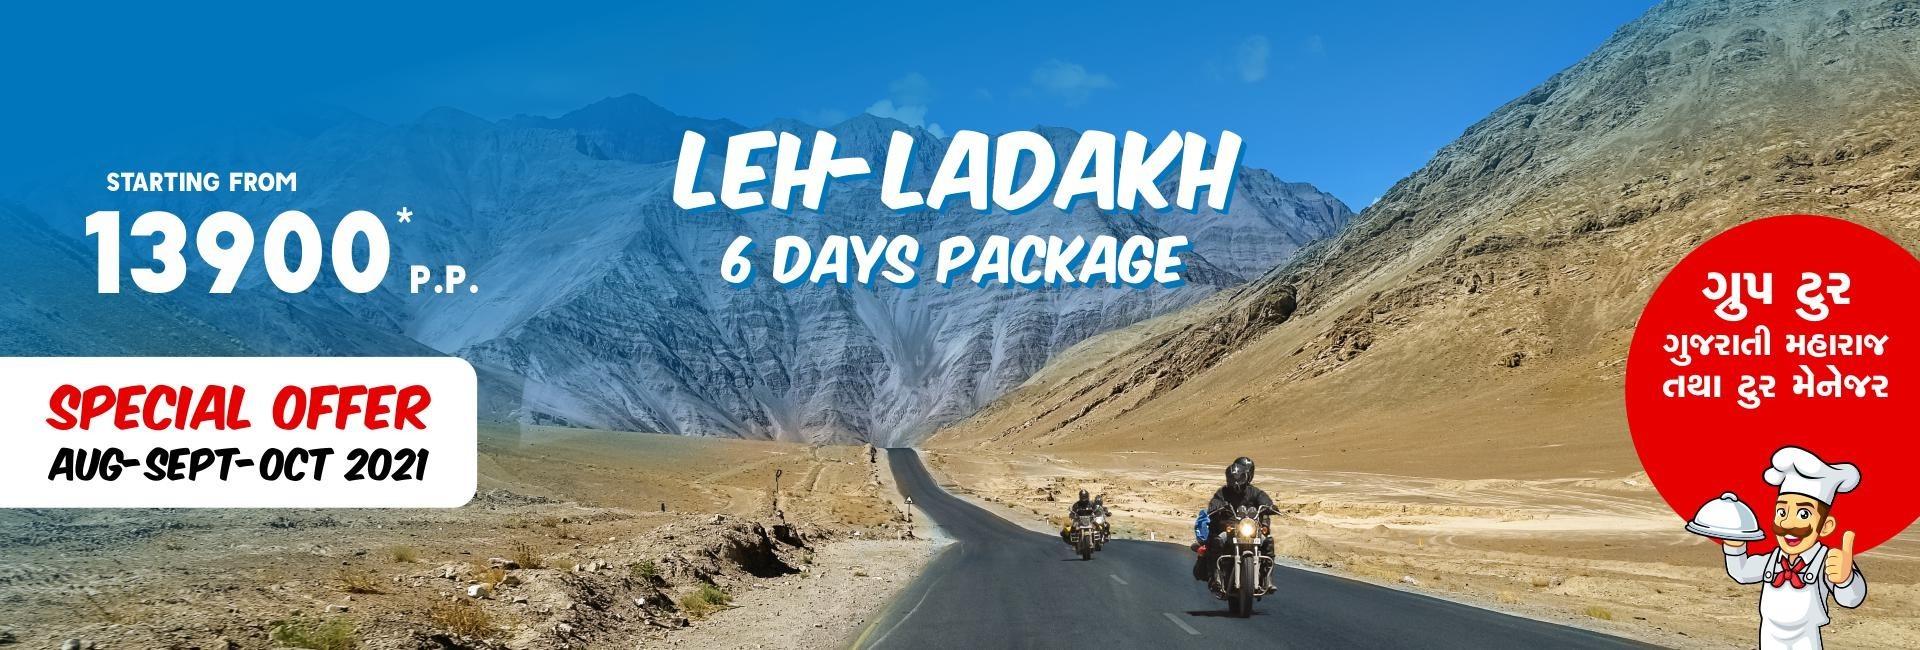 Book Leh Ladakh Tour Packages – Ajay Modi Travels